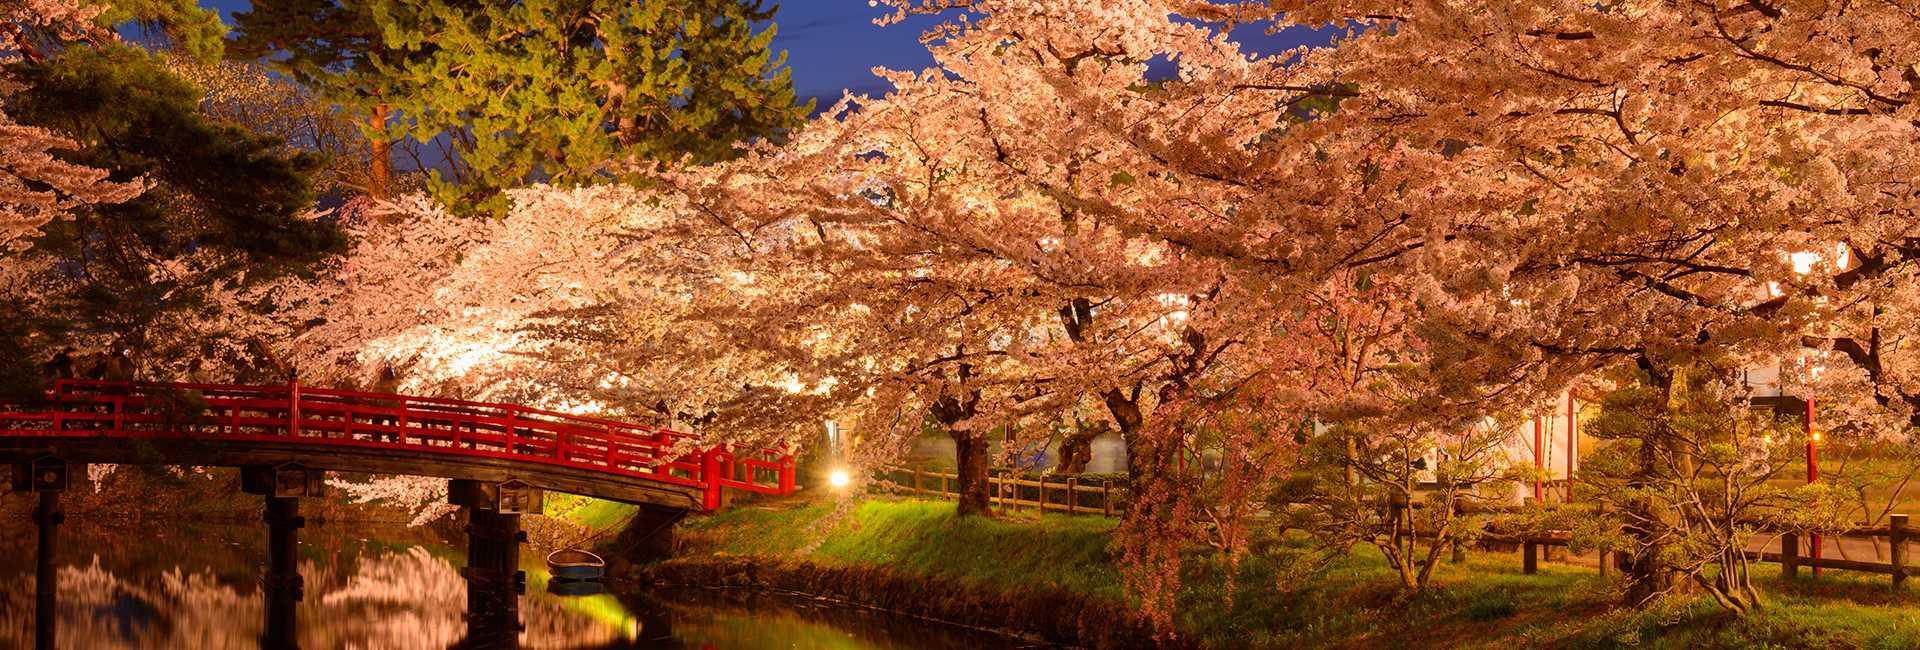 Hirosaki di notte e fiori di ciliegio